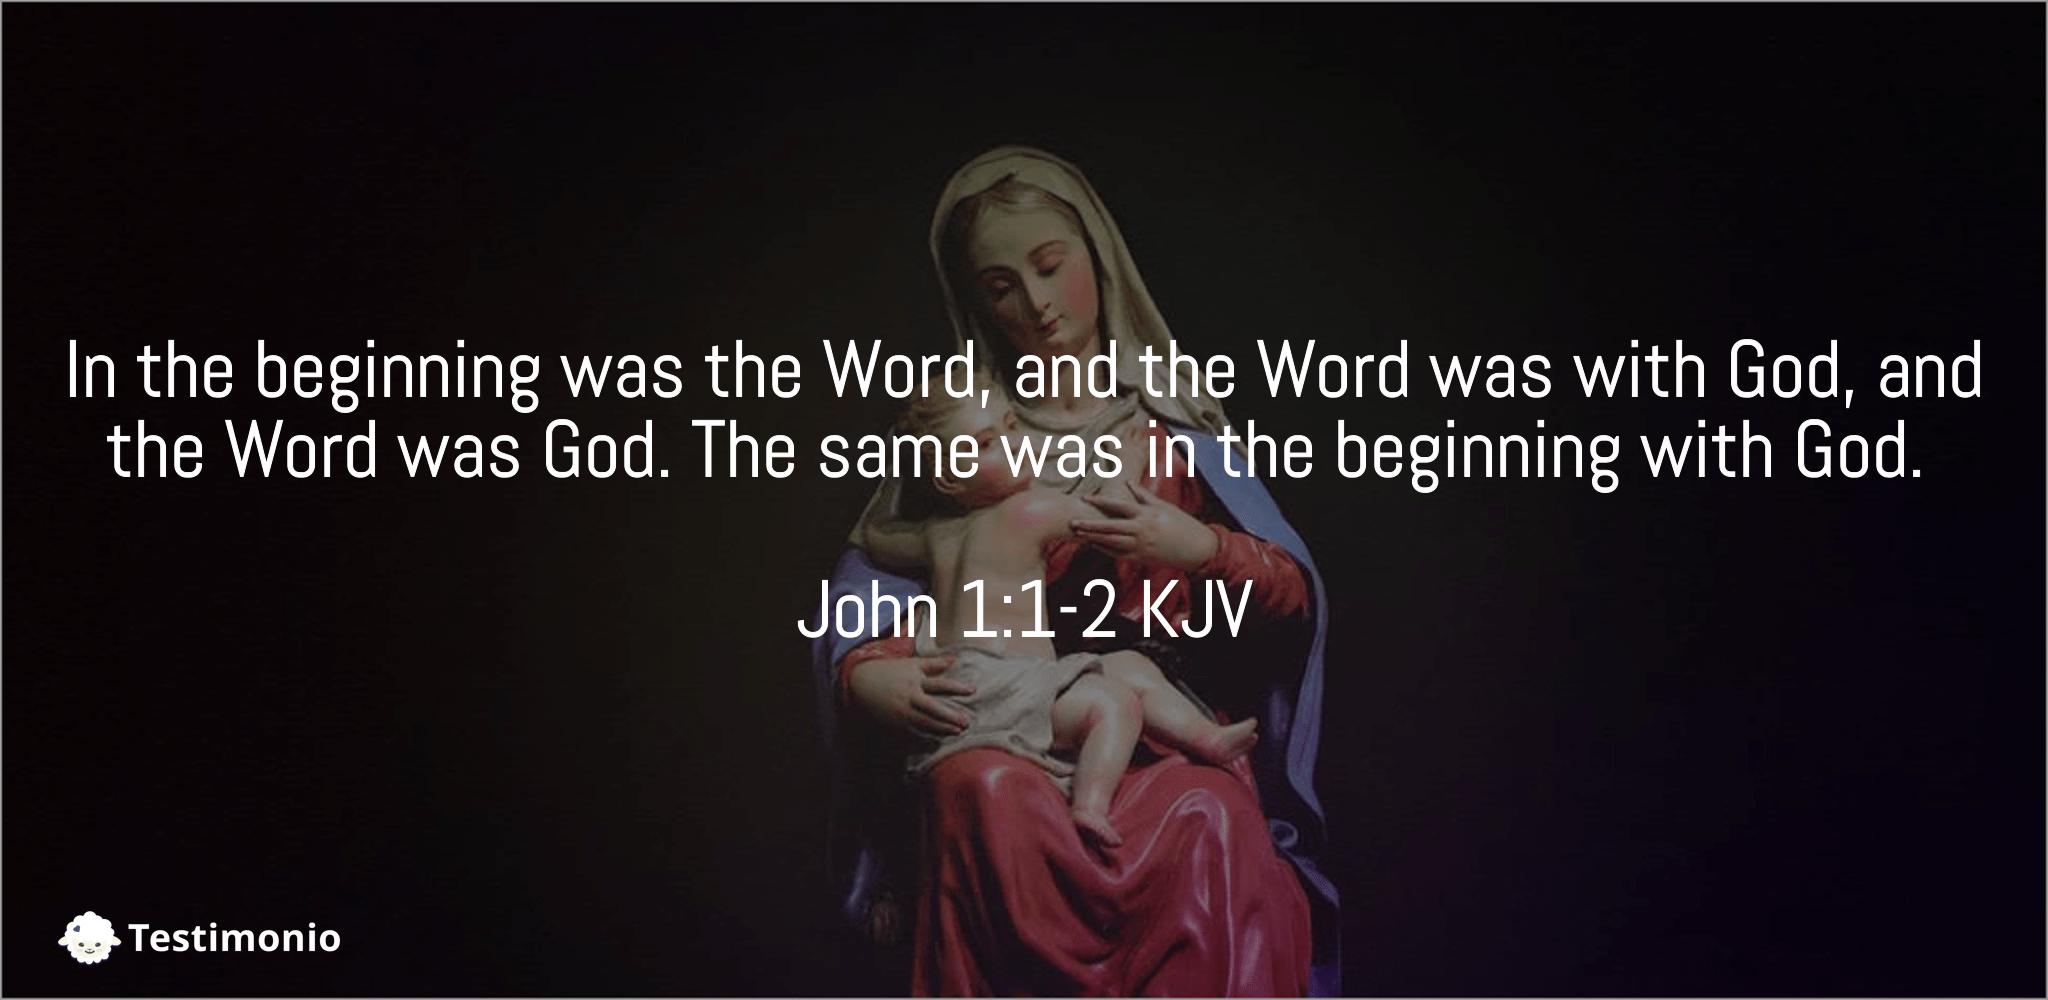 John 1:1-2